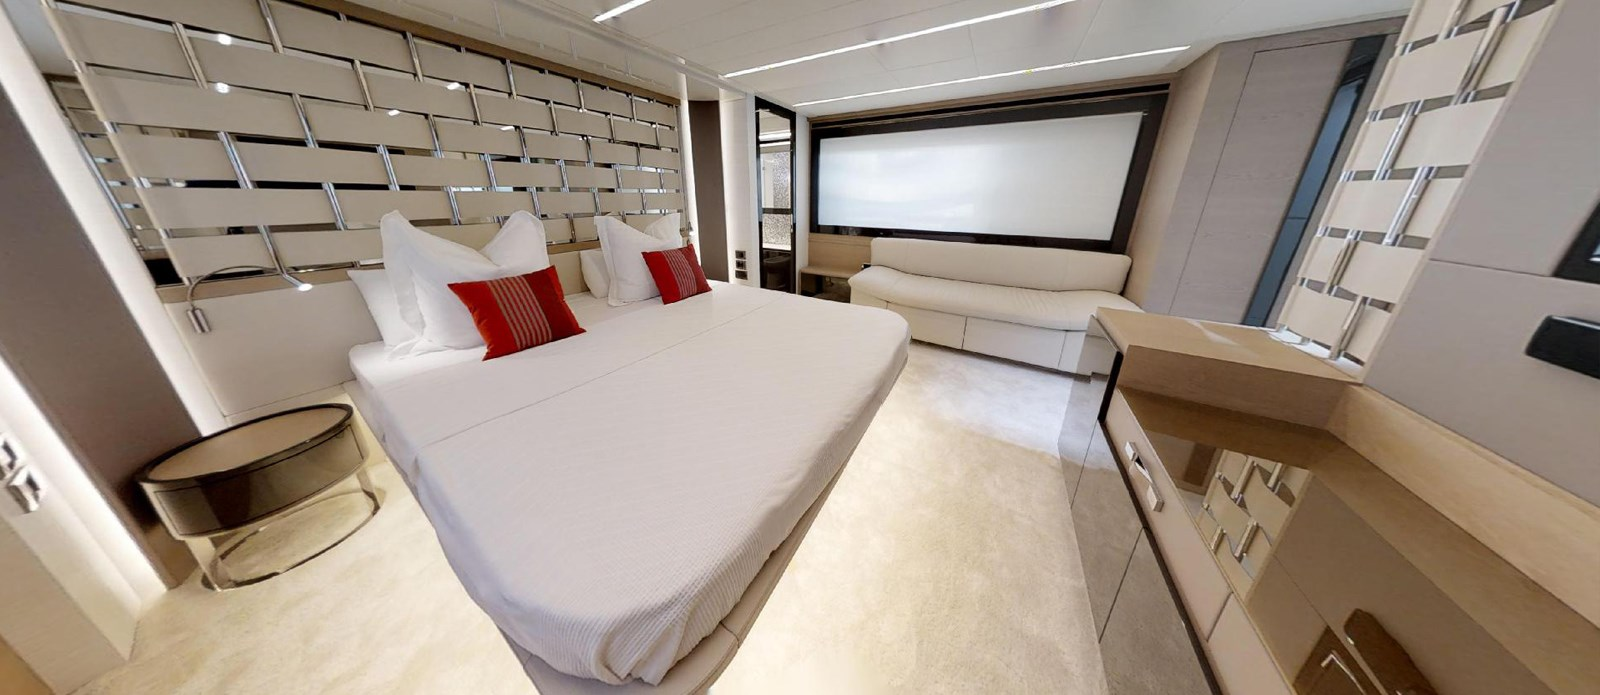 Master-Cabin-3 2015 PERSHING 70 Motor Yacht 2683606